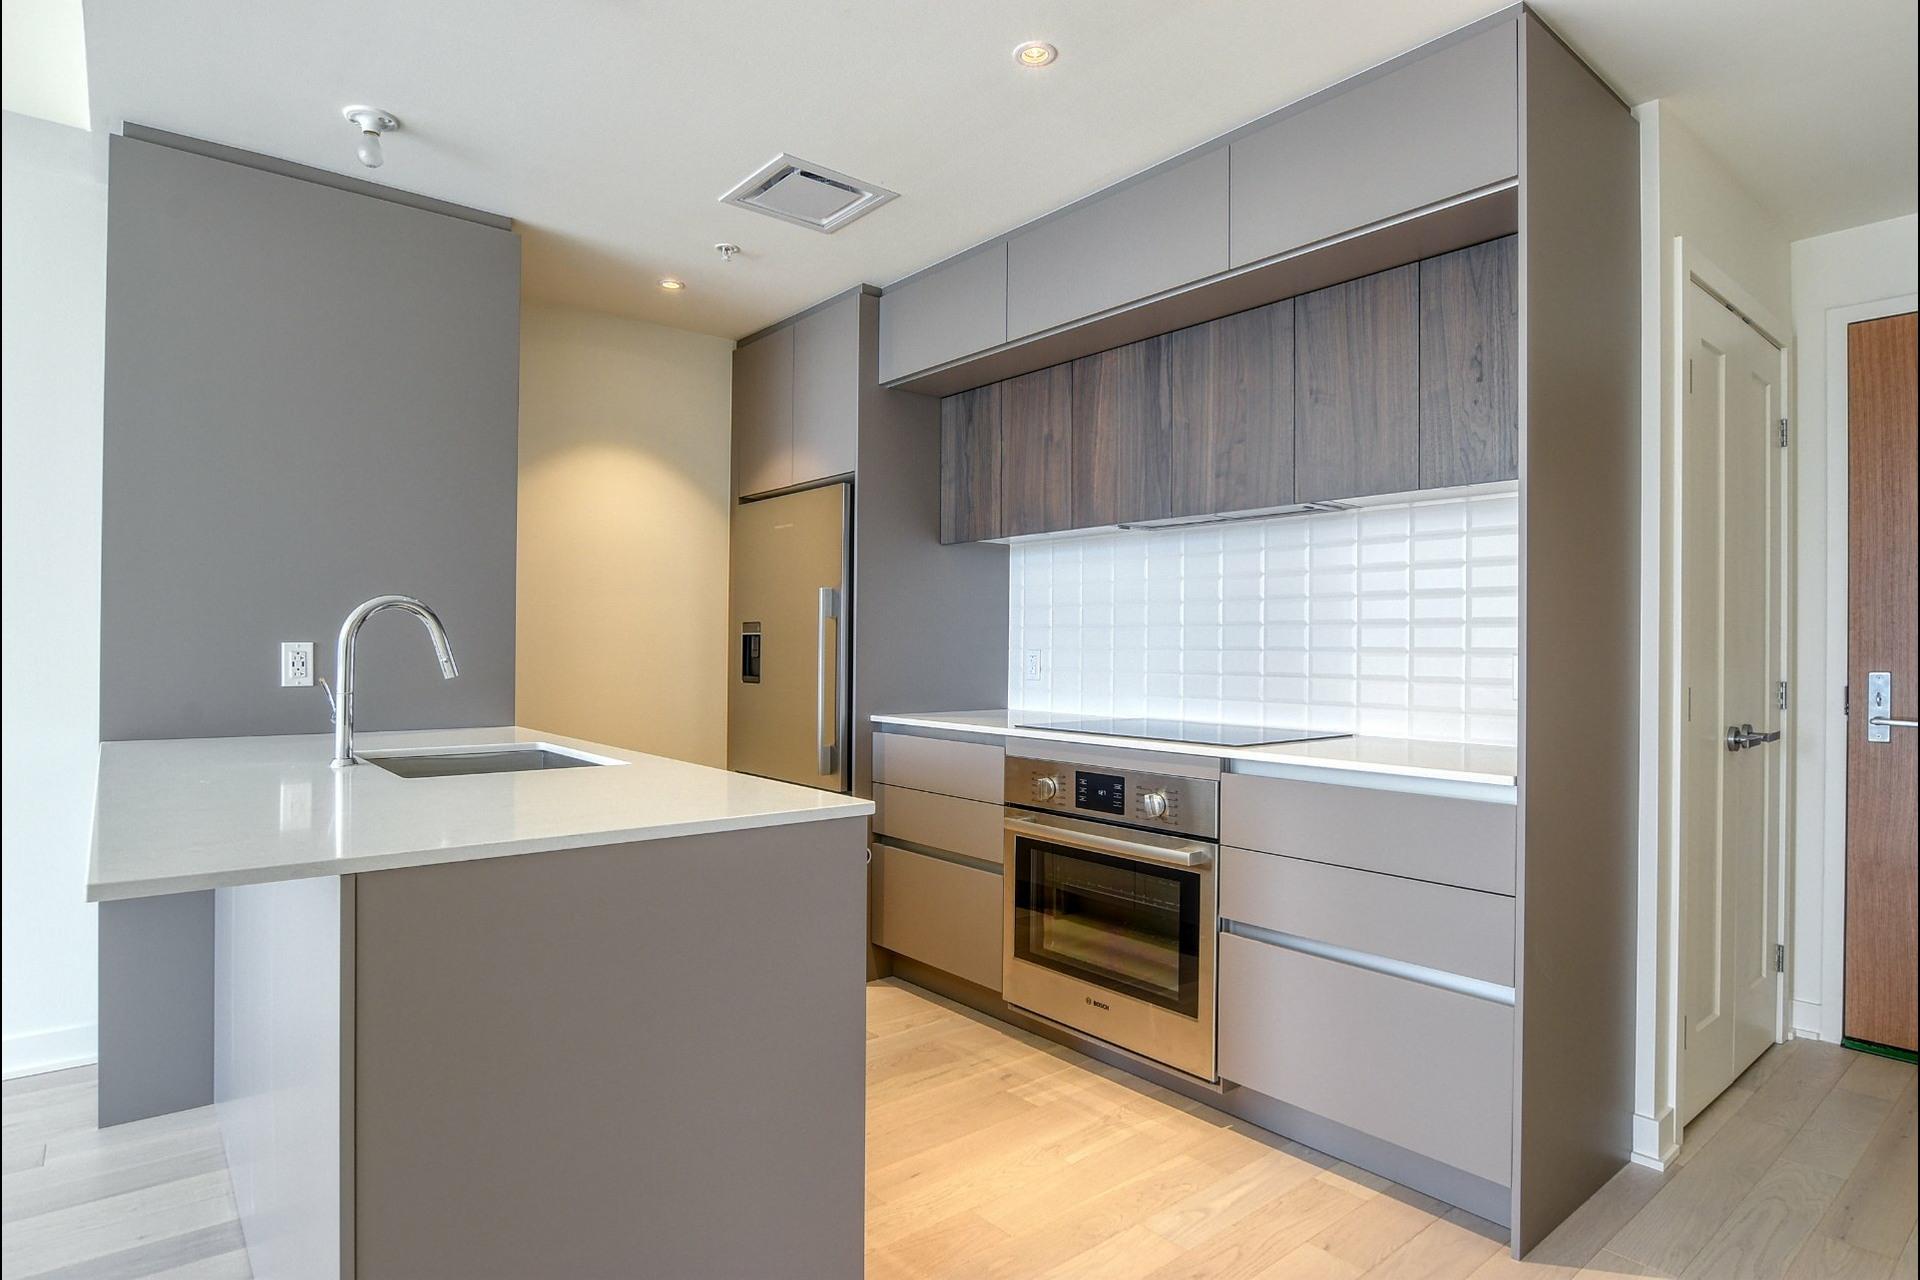 image 6 - Appartement À louer Verdun/Île-des-Soeurs Montréal  - 4 pièces